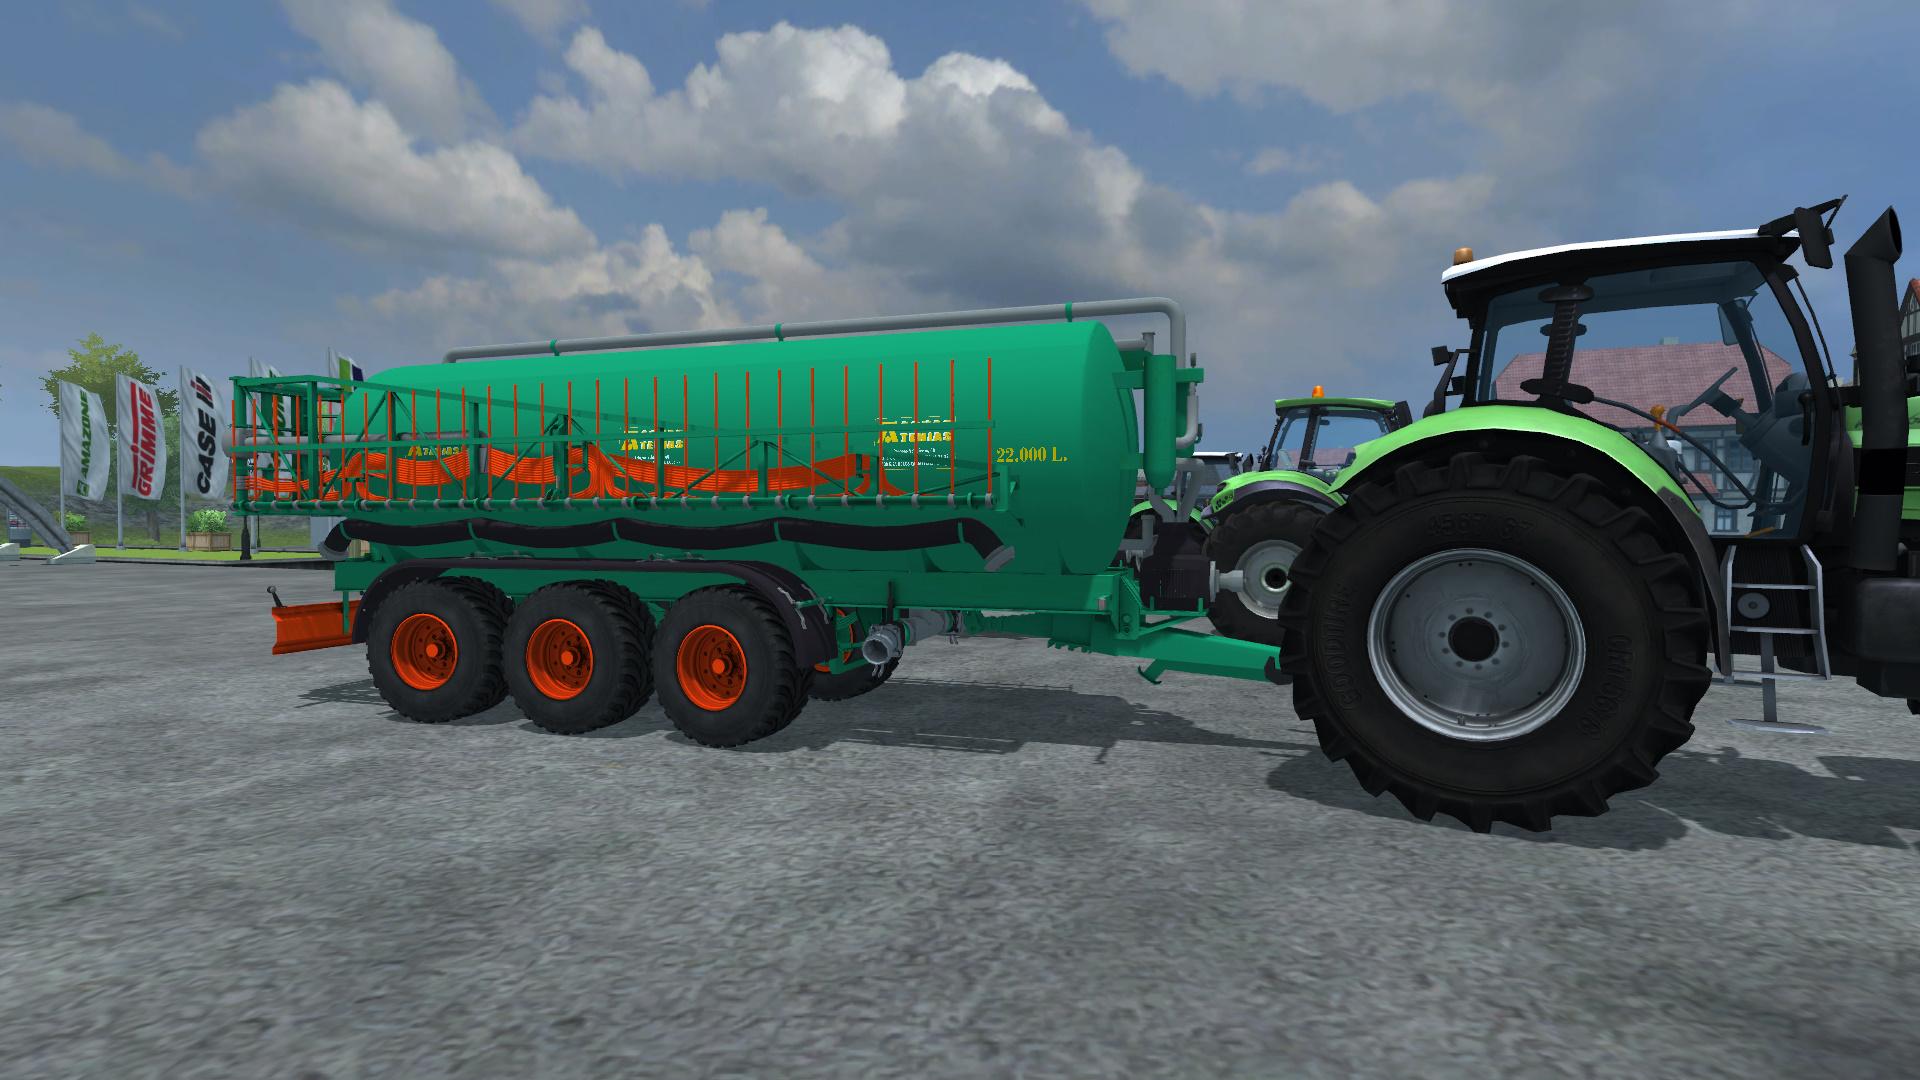 [Encuesta][T.E.P.] Proyecto Aguas Tenias (22 modelos + 1 Camión) [Terminado 21-4-2014]. - Página 11 Farmingsimulator2013gtfs5a